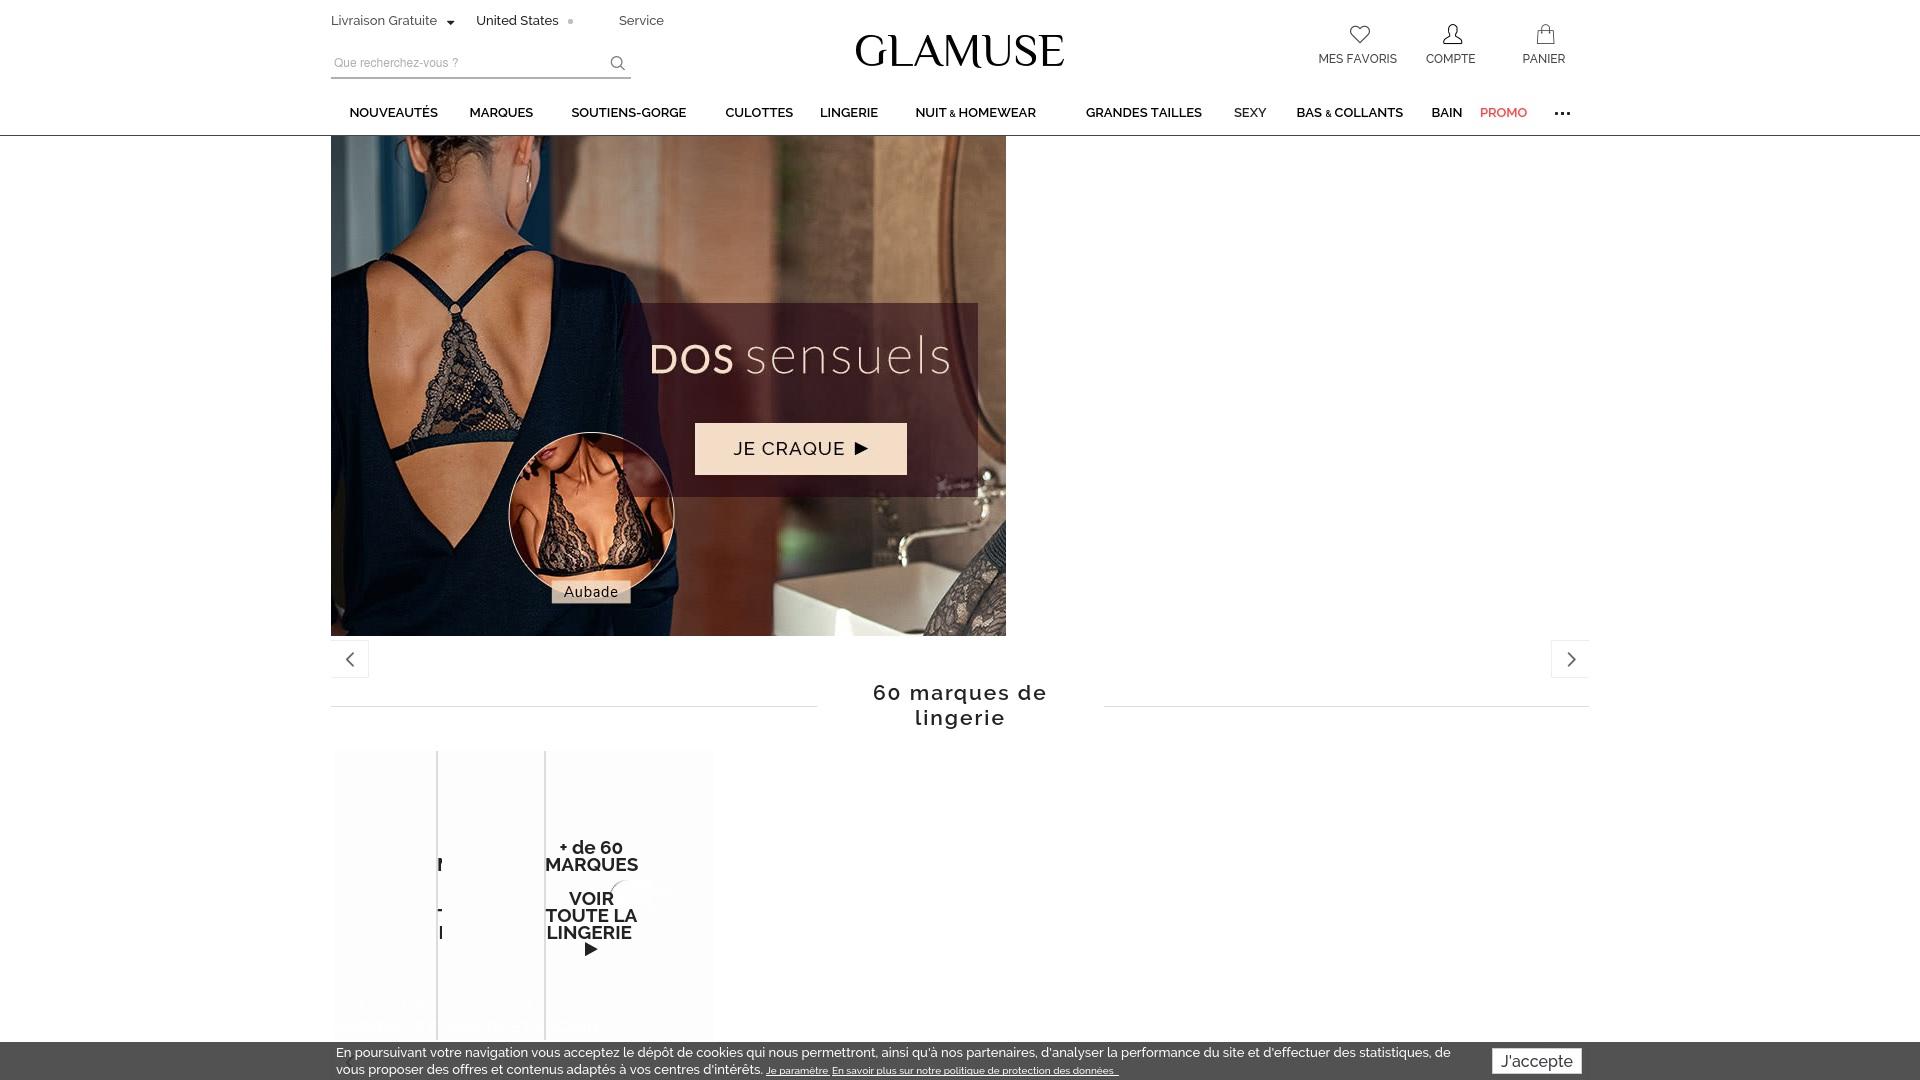 Gutschein für Glamuse: Rabatte für  Glamuse sichern